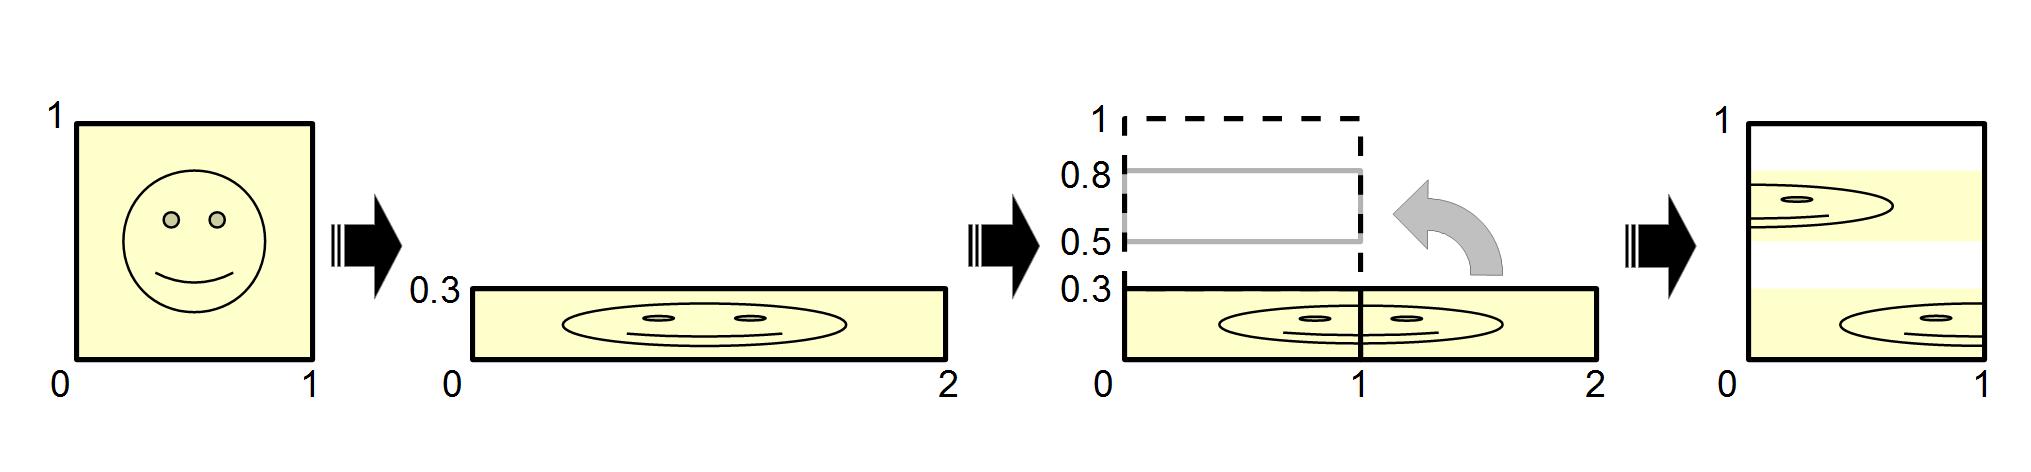 ファイル illustration of dissipative baker s transformation with